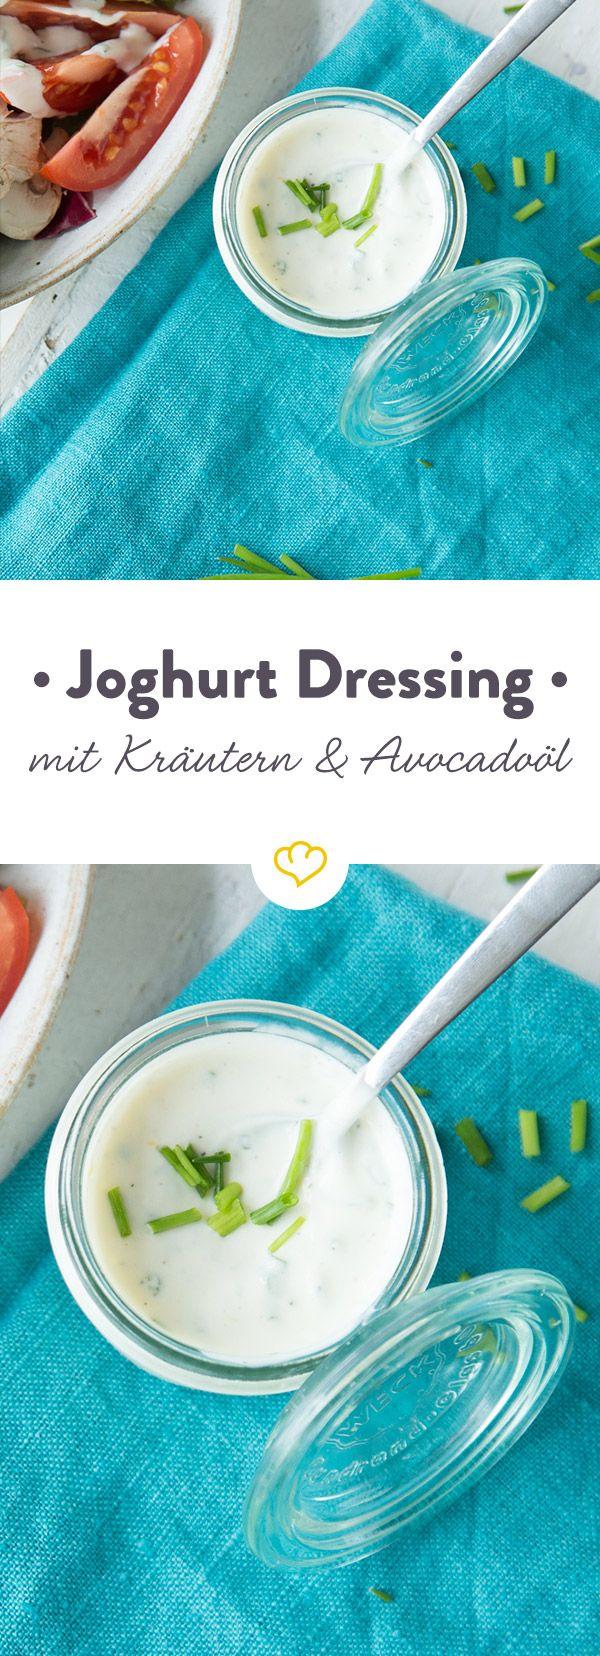 Salat ohne Dressing ist wie Nudeln ohne Sauce: Langweilig. Den richtigen Kick bekommen knackige Salate mit diesem Joghurt-Kräuter Dressing mit Avocadoöl.